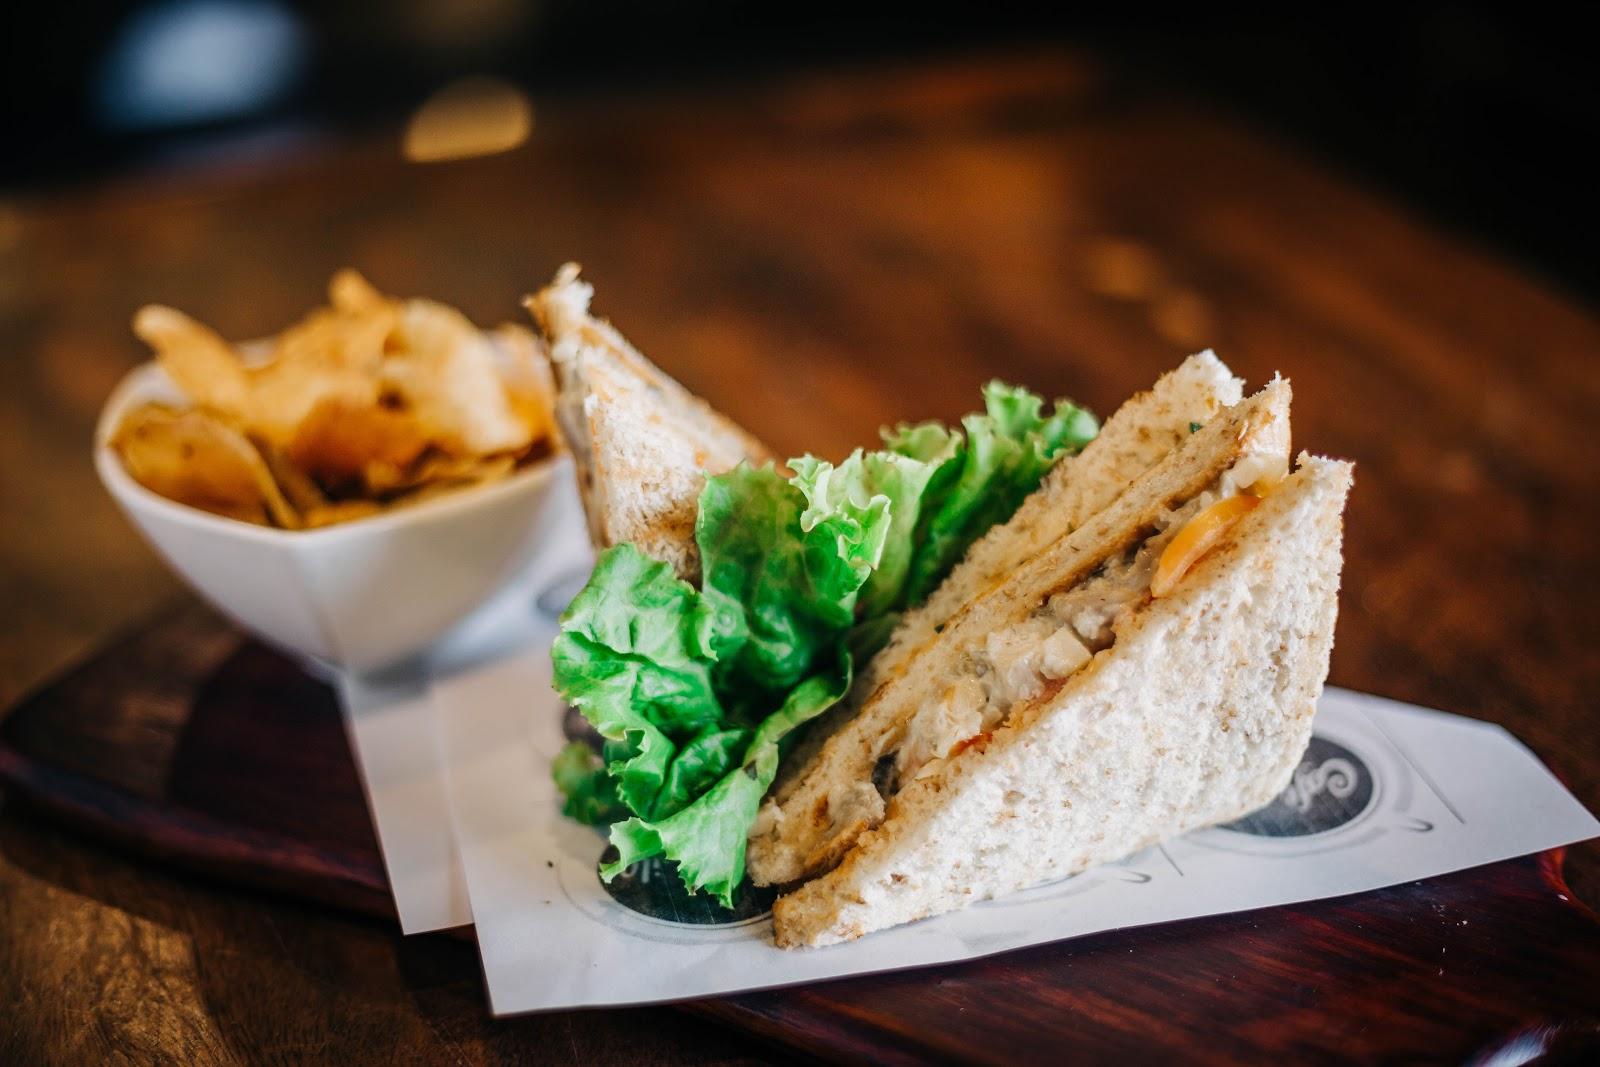 Best Chicken Sandwiches in Orange County | Fried & Grilled